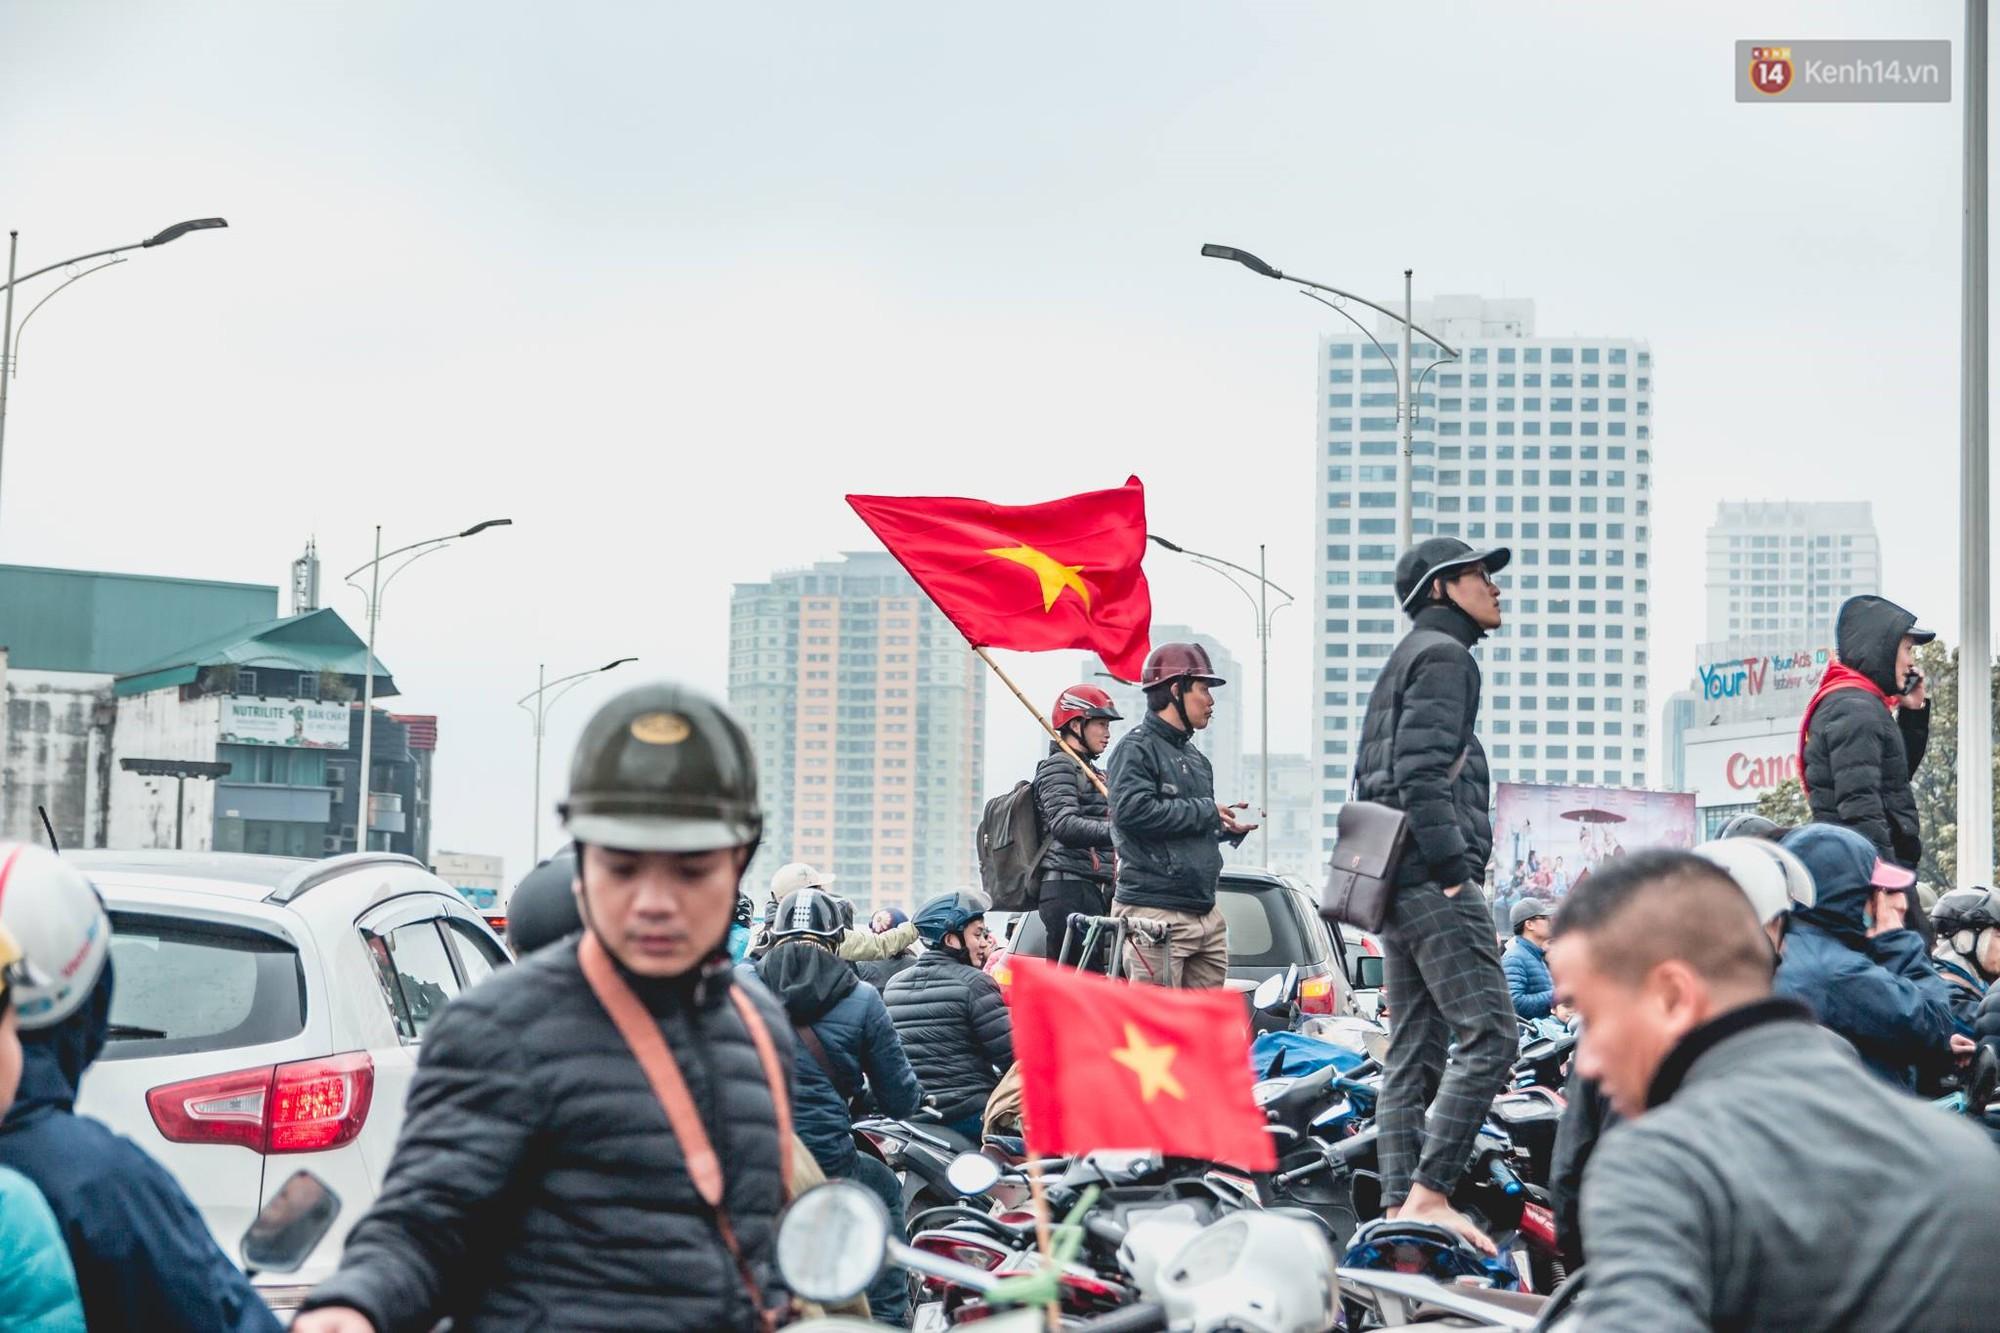 Tình yêu người hâm mộ quá lớn: Đường phố rợp xe và cờ, hơn 4 tiếng đoàn xe của U23 Việt Nam mới có thể tiến vào nội đô - Ảnh 15.